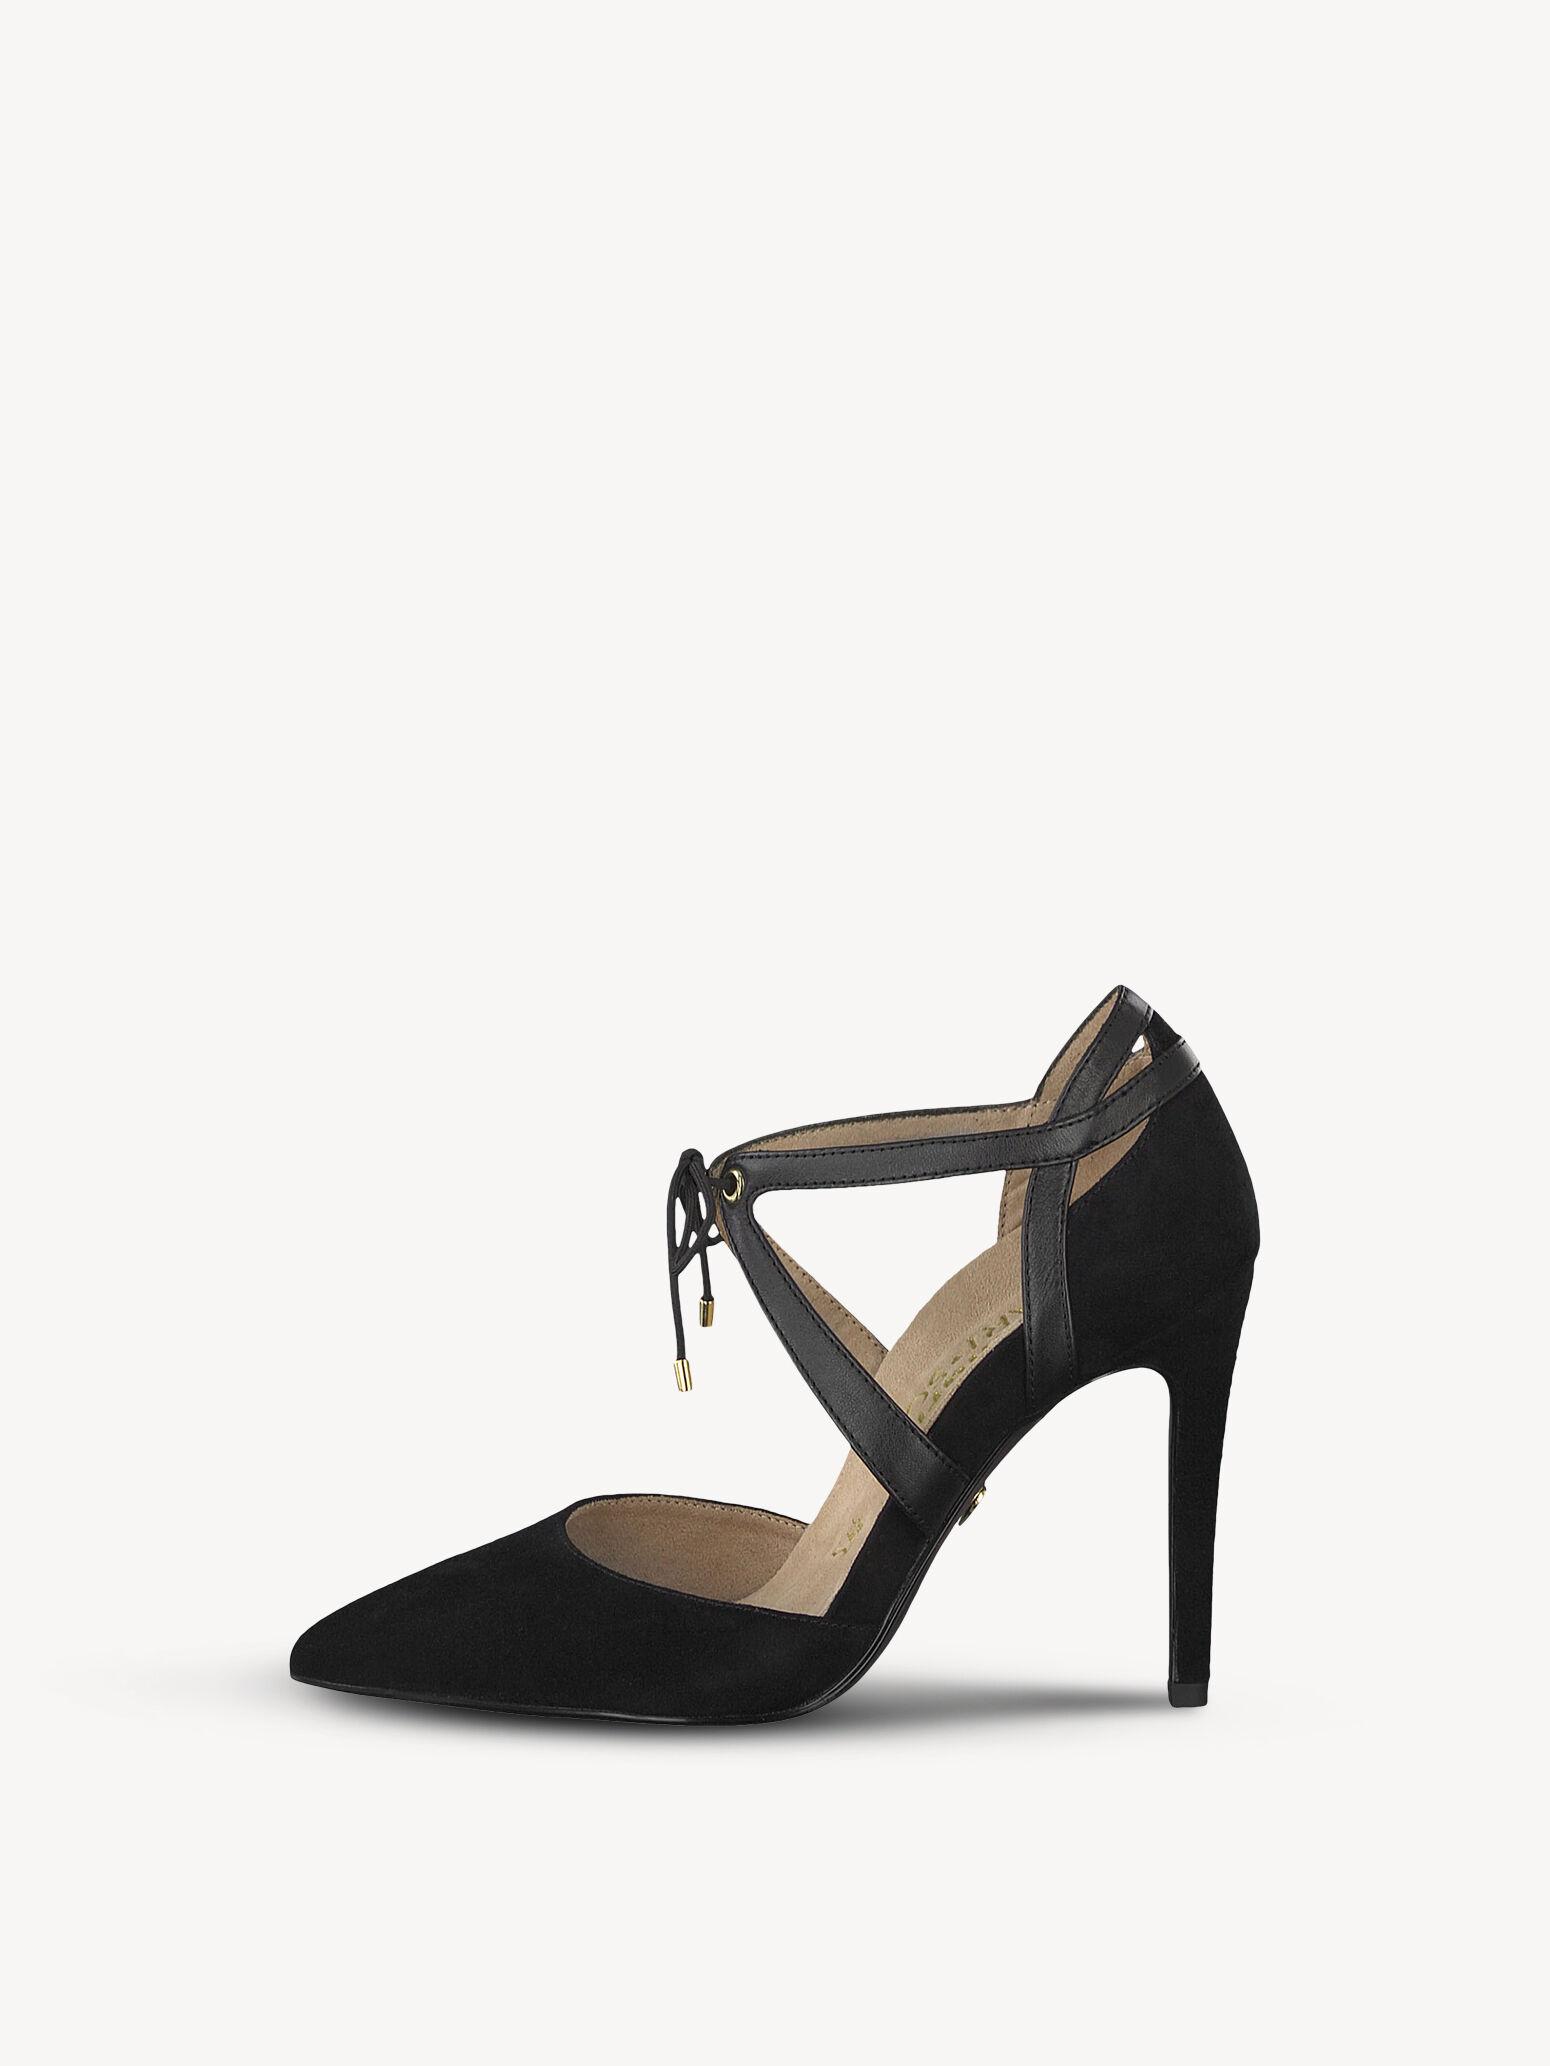 Kaufen Schuhe Von Tamaris Online Damenschuhe vNm0nw8